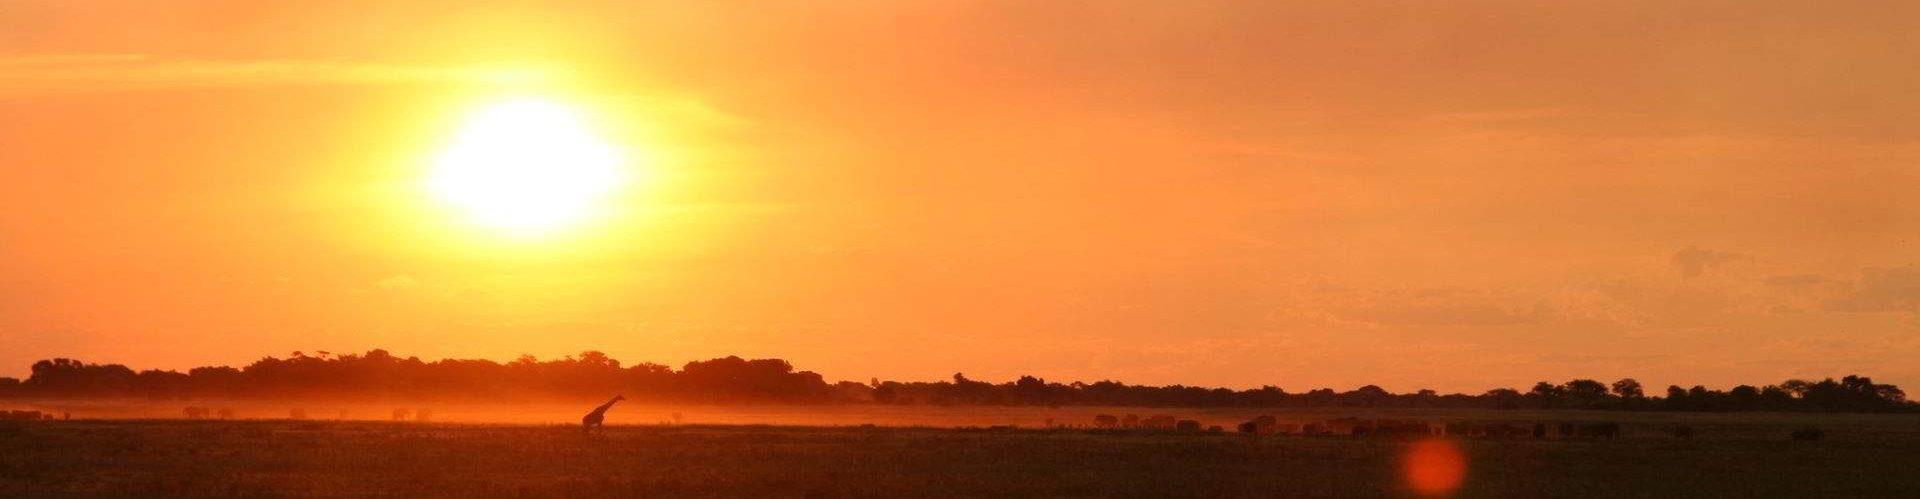 Chobe-Botswana